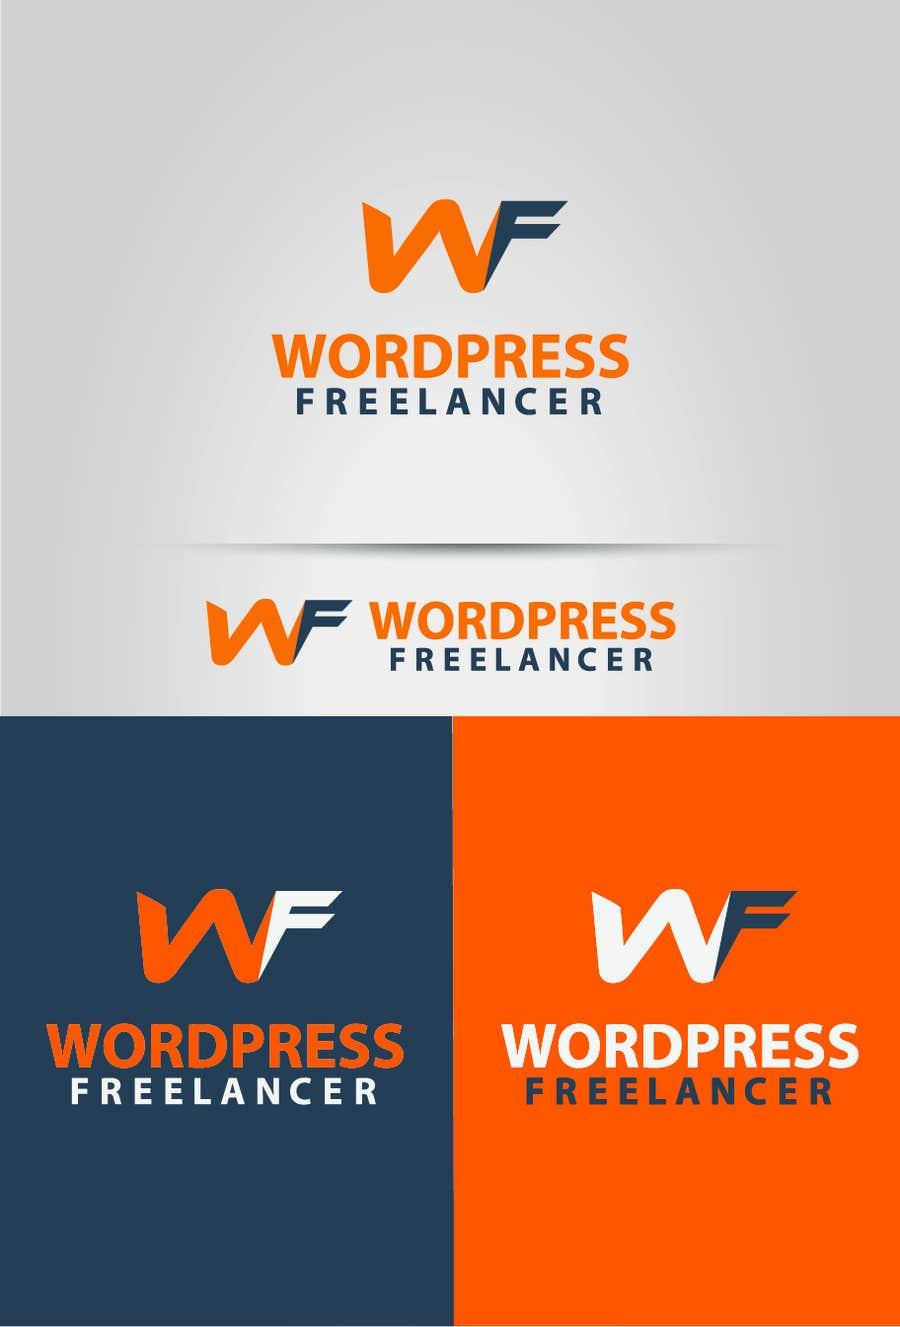 Inscrição nº 67 do Concurso para Design a Logo for WordpressFreelancing.com